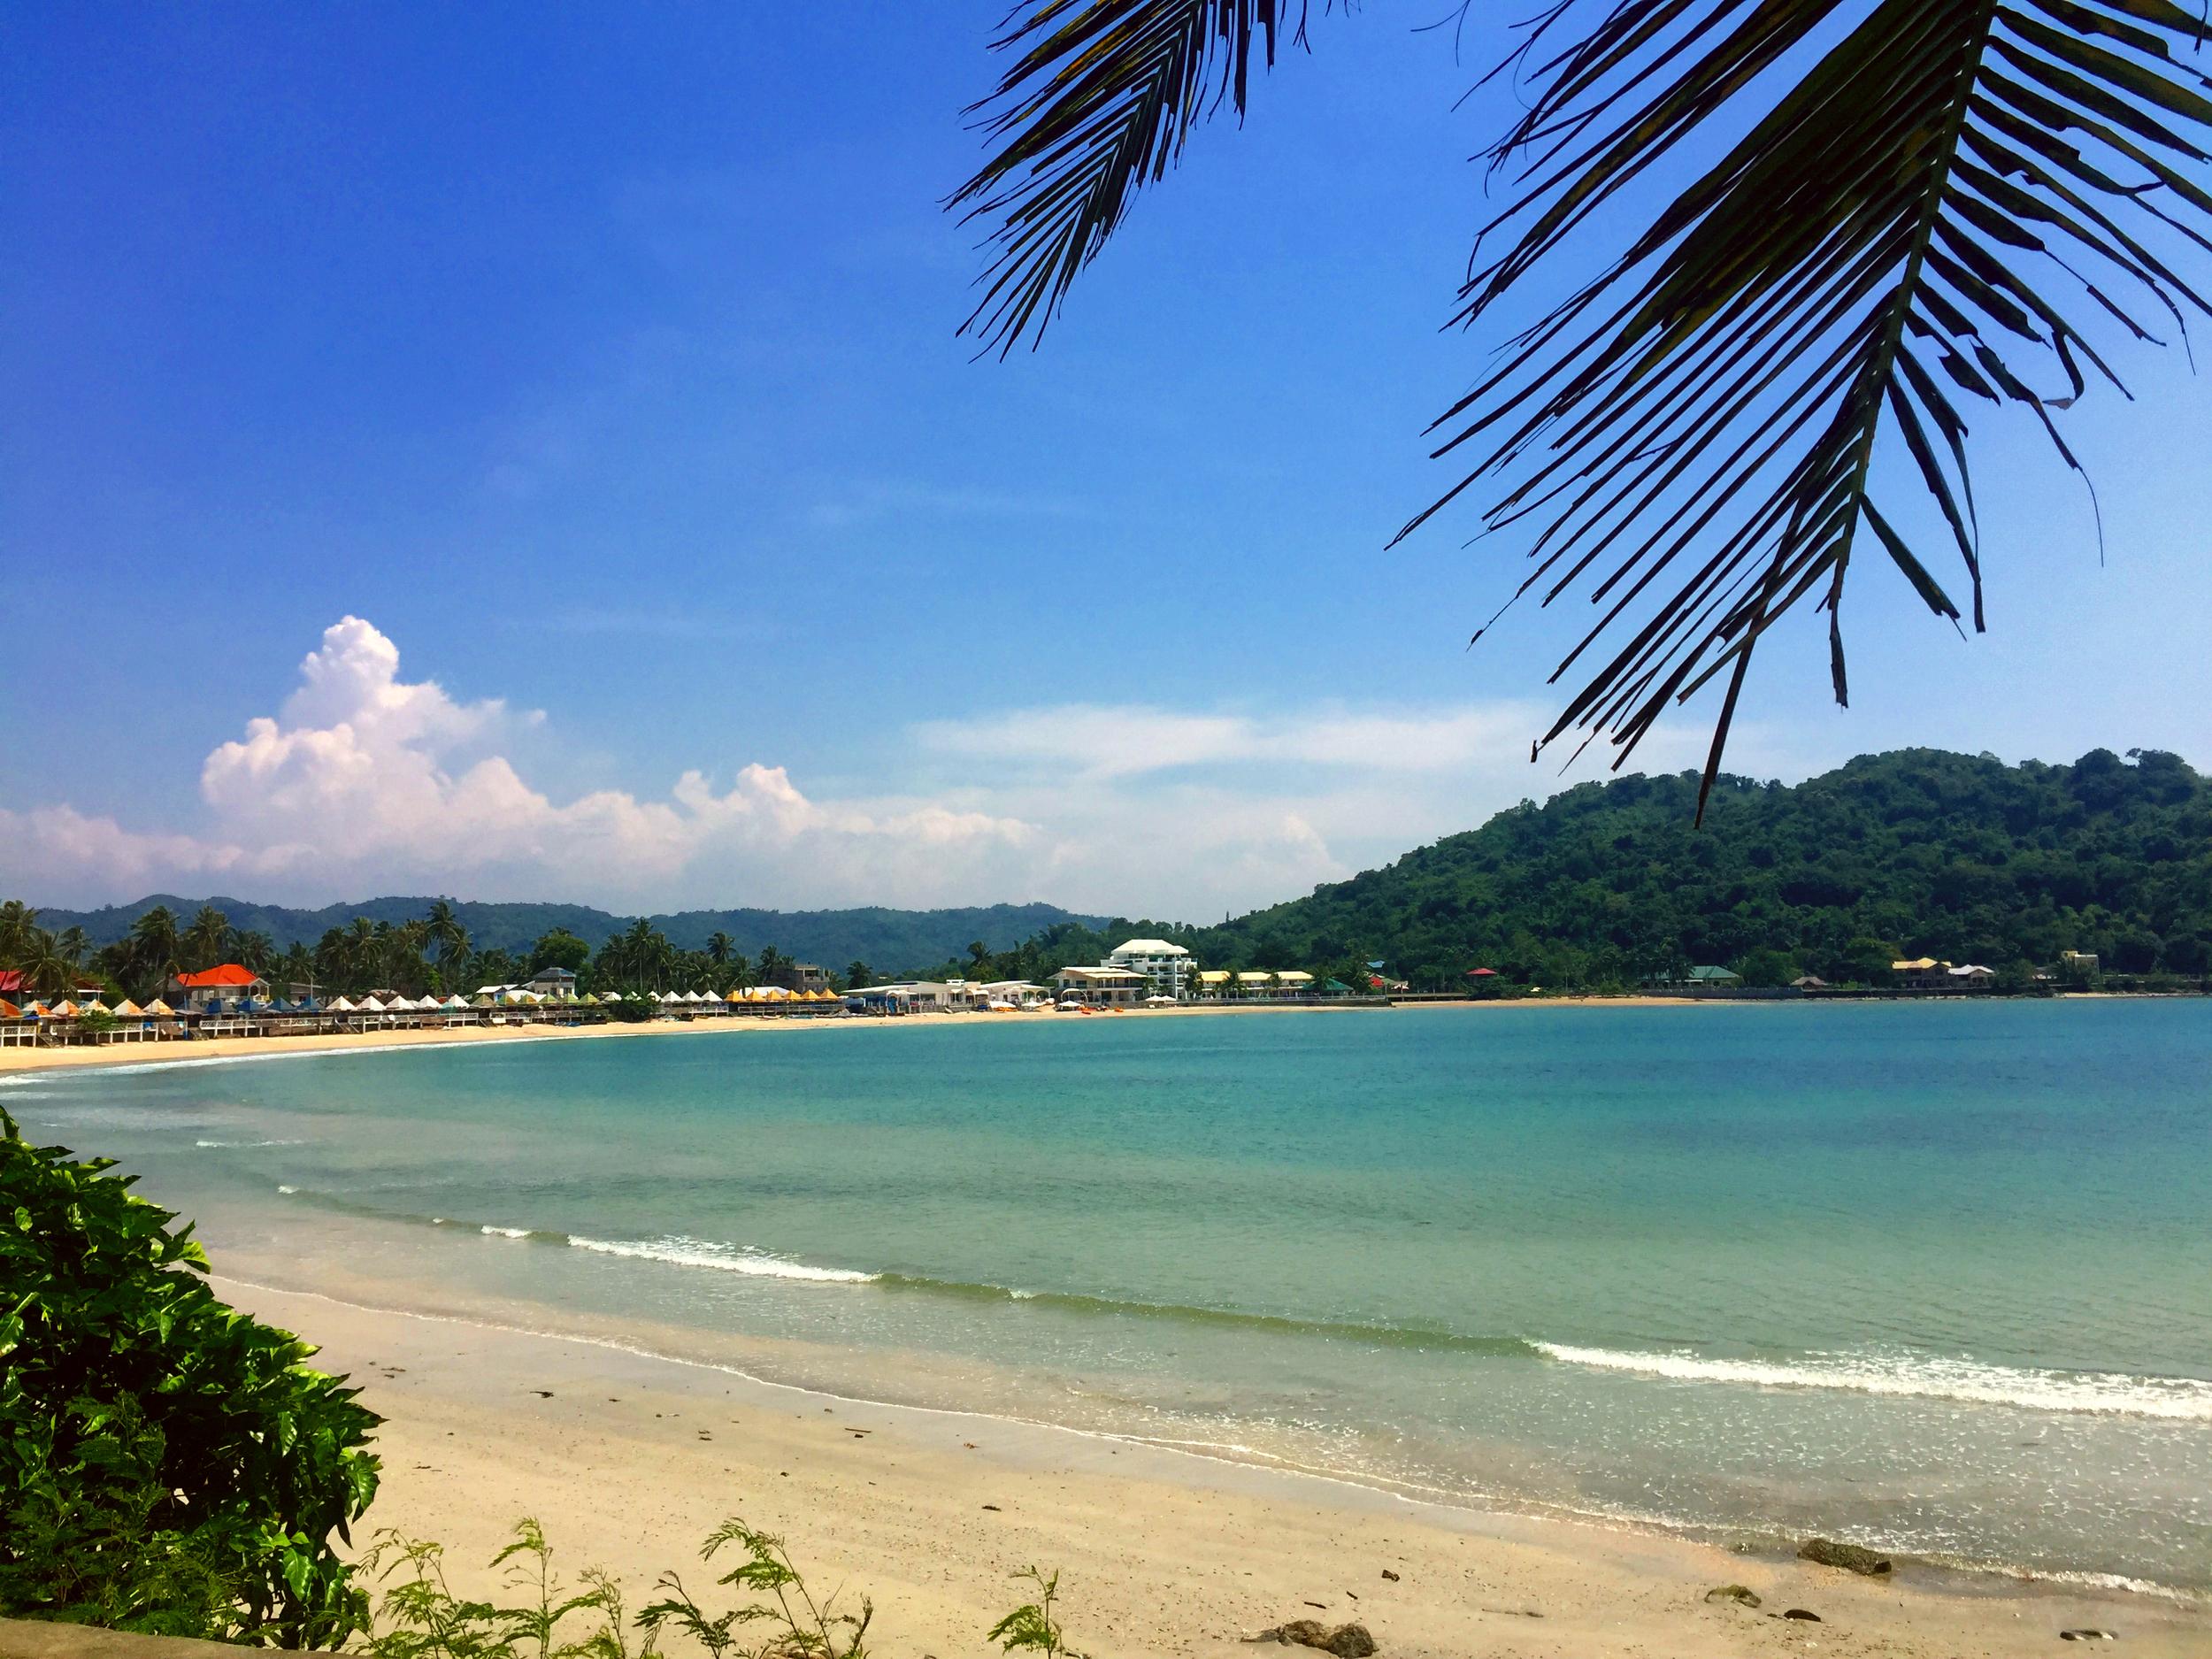 Santiago Cove, Ilocos Sur